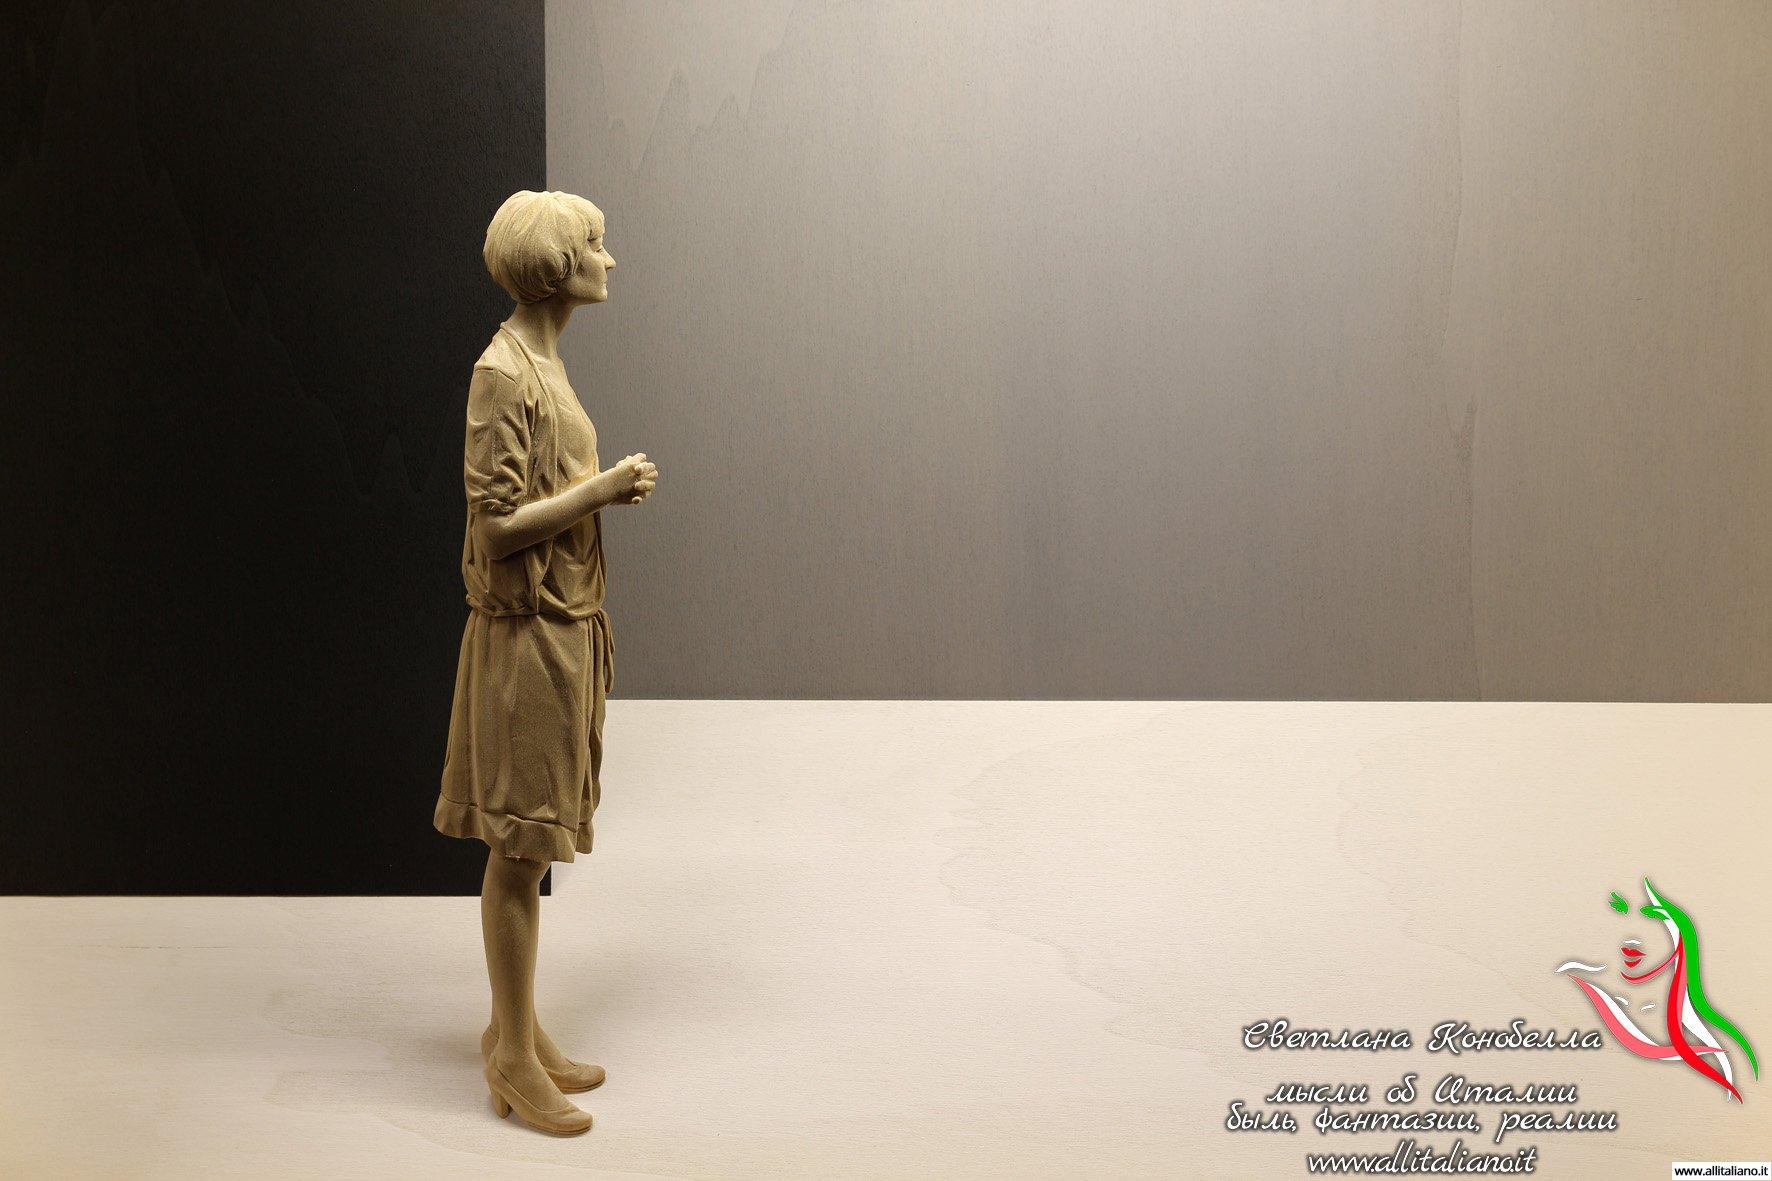 peter-demetz-svetlana-konobella-italy-art-sculpture-gardena-groeden-suedtirol (13)